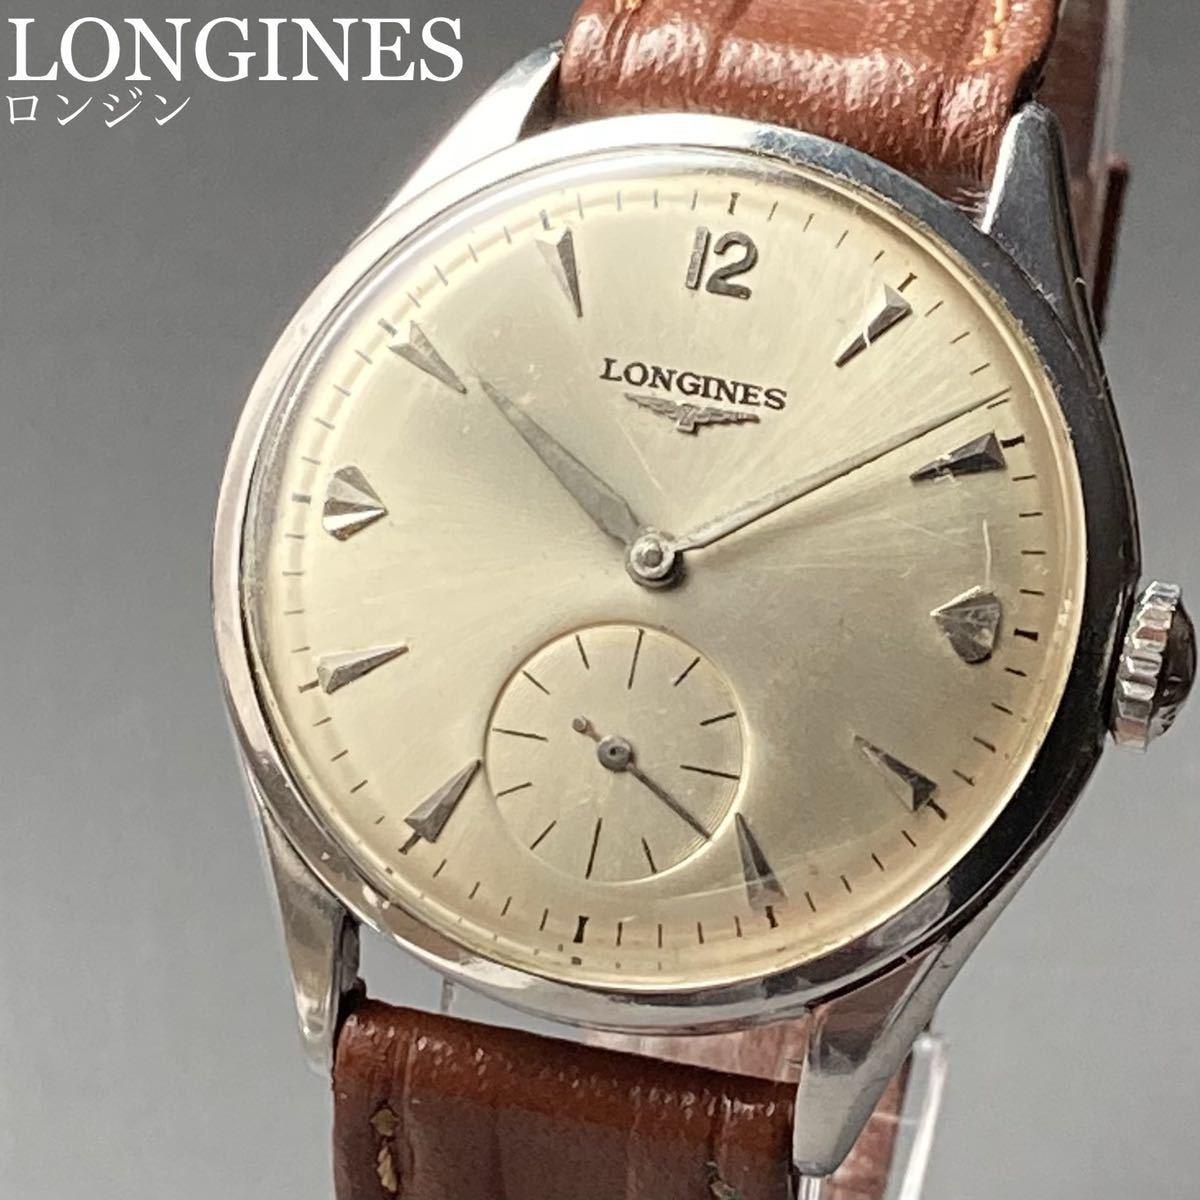 動作良好★ロンジン アンティーク 腕時計 1950年代 メンズ 手巻き cal.12.68Z ケース径33㎜ LONGINES ビンテージ ウォッチ 男性 スイス_画像1